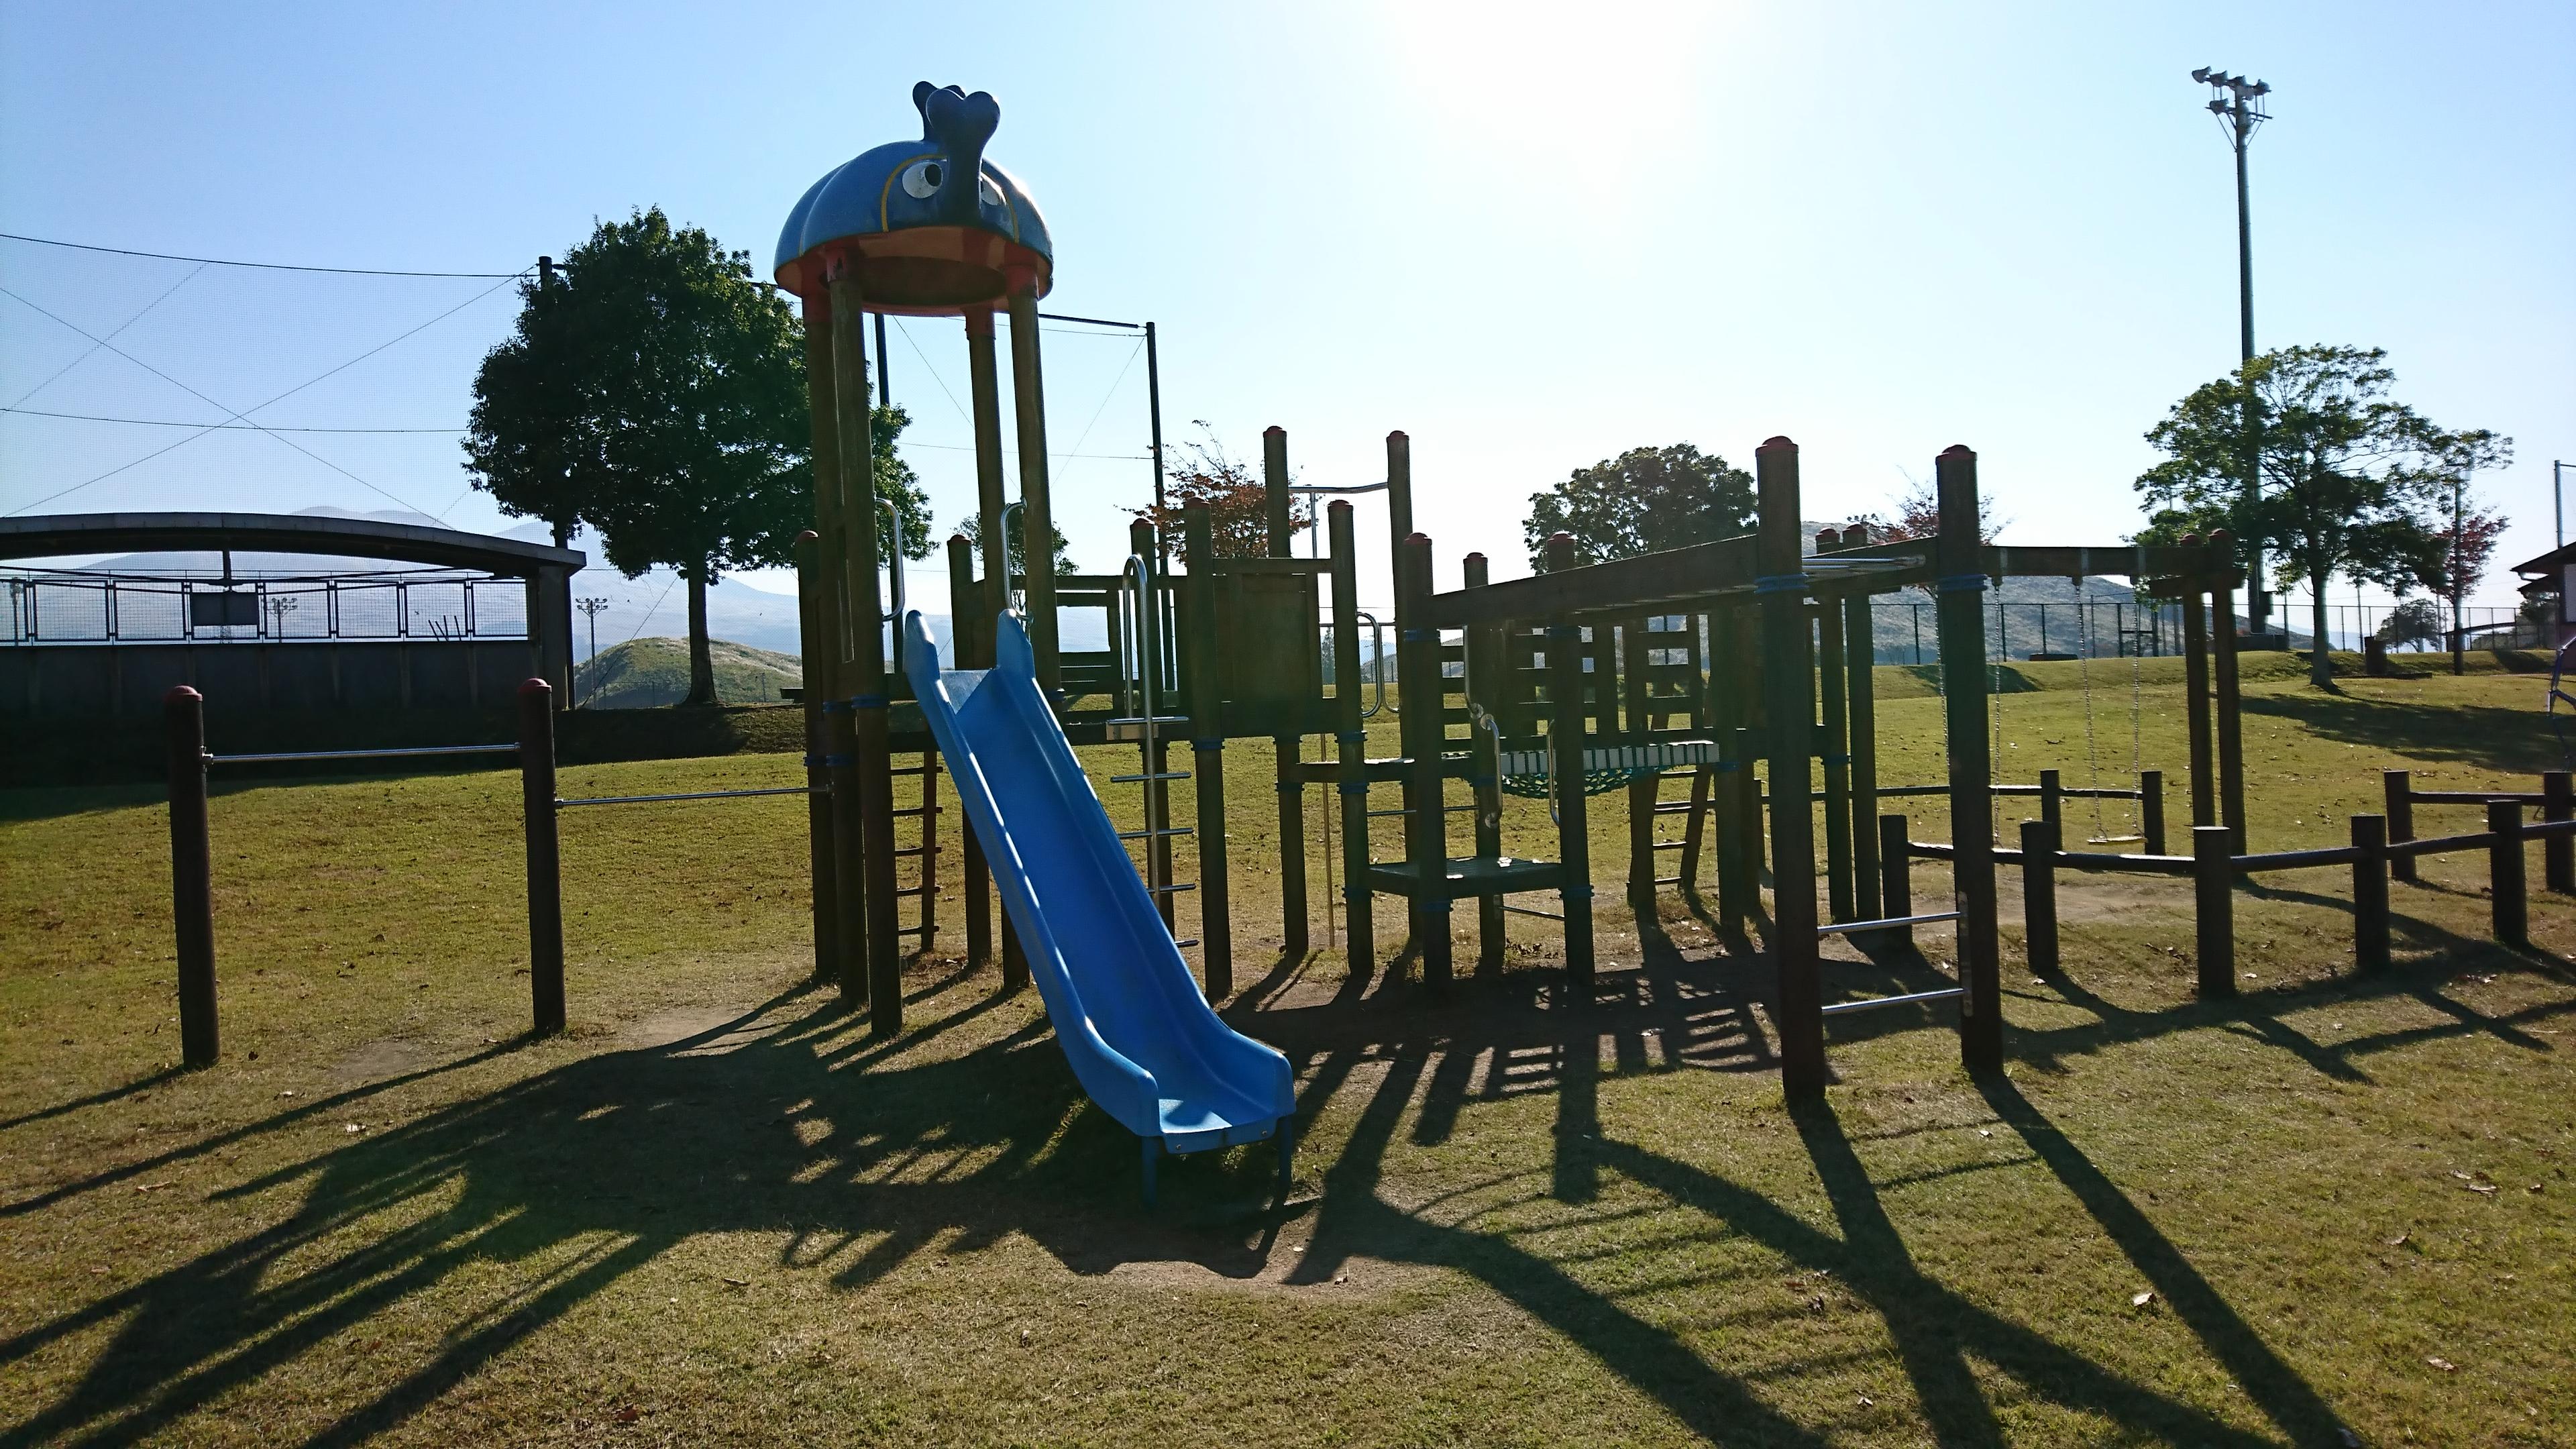 【阿蘇市農村公園あぴか】阿蘇の大自然の中にある運動公園